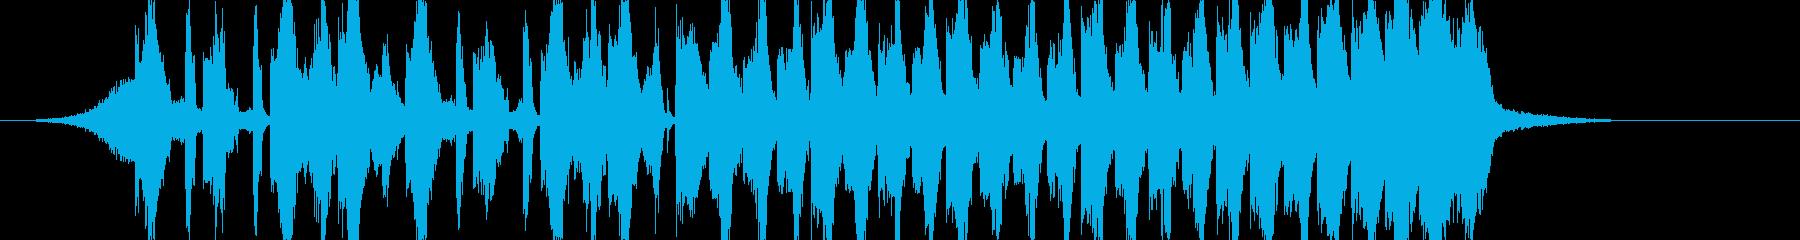 煽りEDM アイネクライネ イントロの再生済みの波形